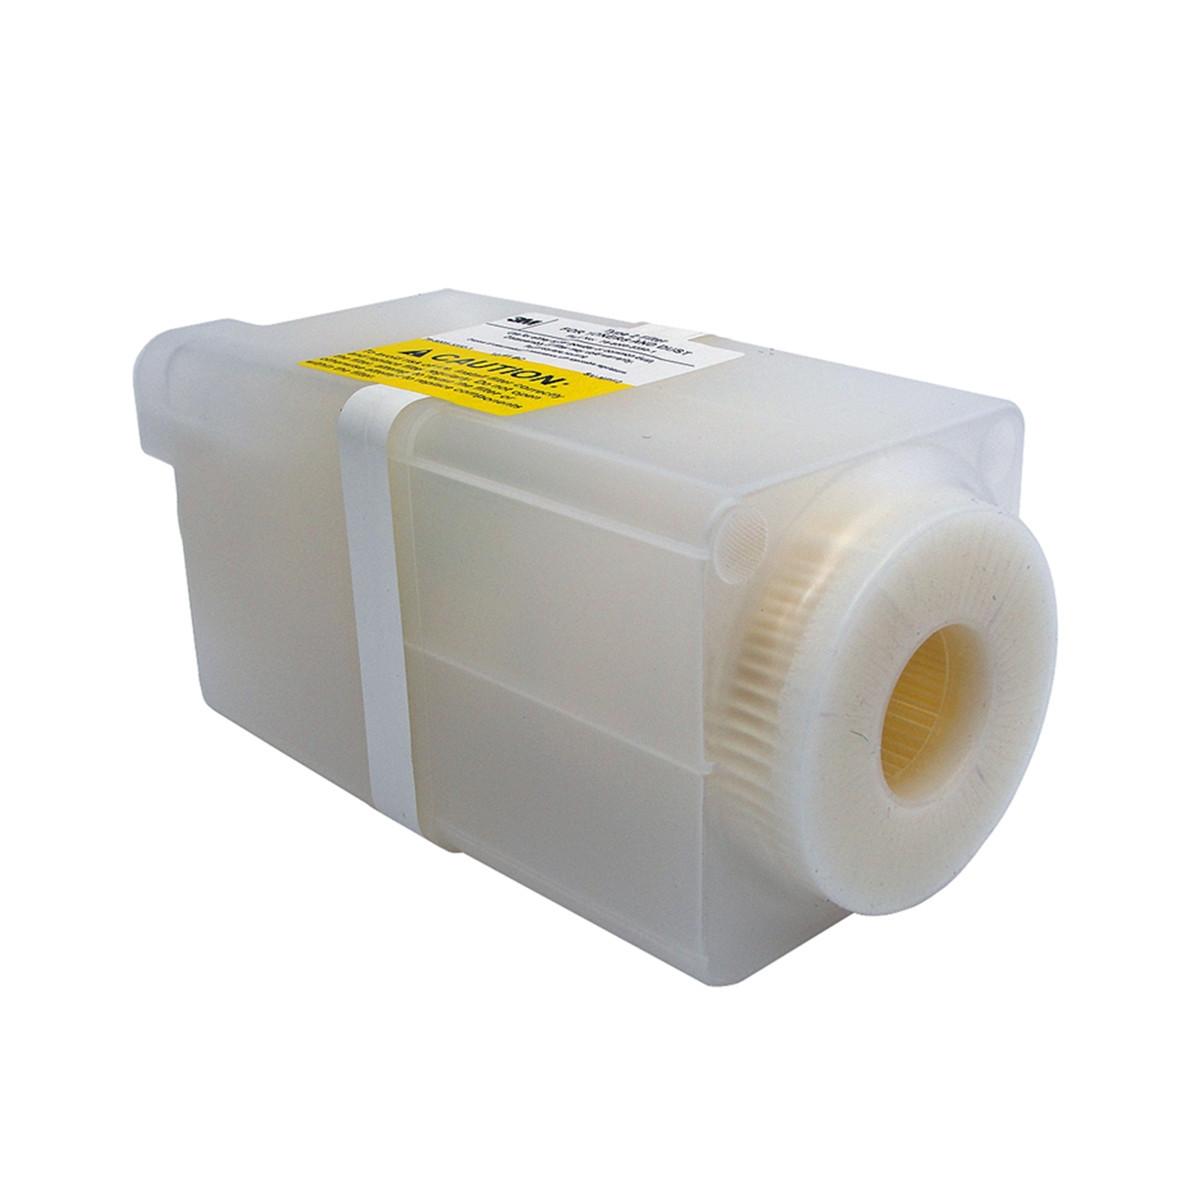 Filtro Aspirador de Pó Específico para Toner Preto | Filtro Tipo 2 | SCS